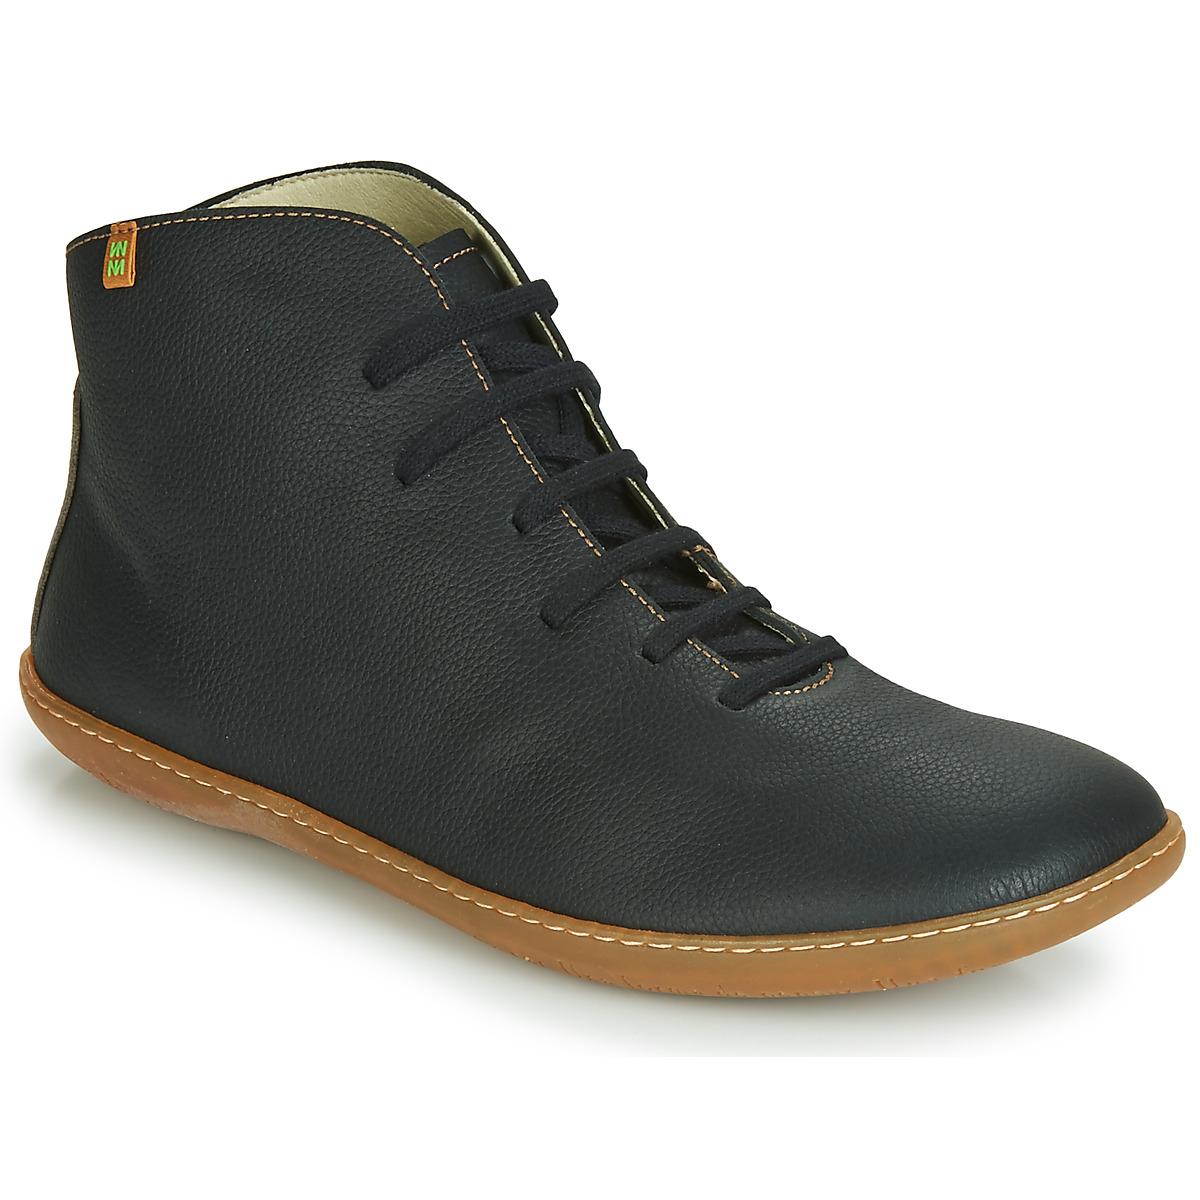 El Naturalista EL VIAJERO Schwarz - Kostenloser Versand bei Spartoode ! - Schuhe Boots  125,00 €